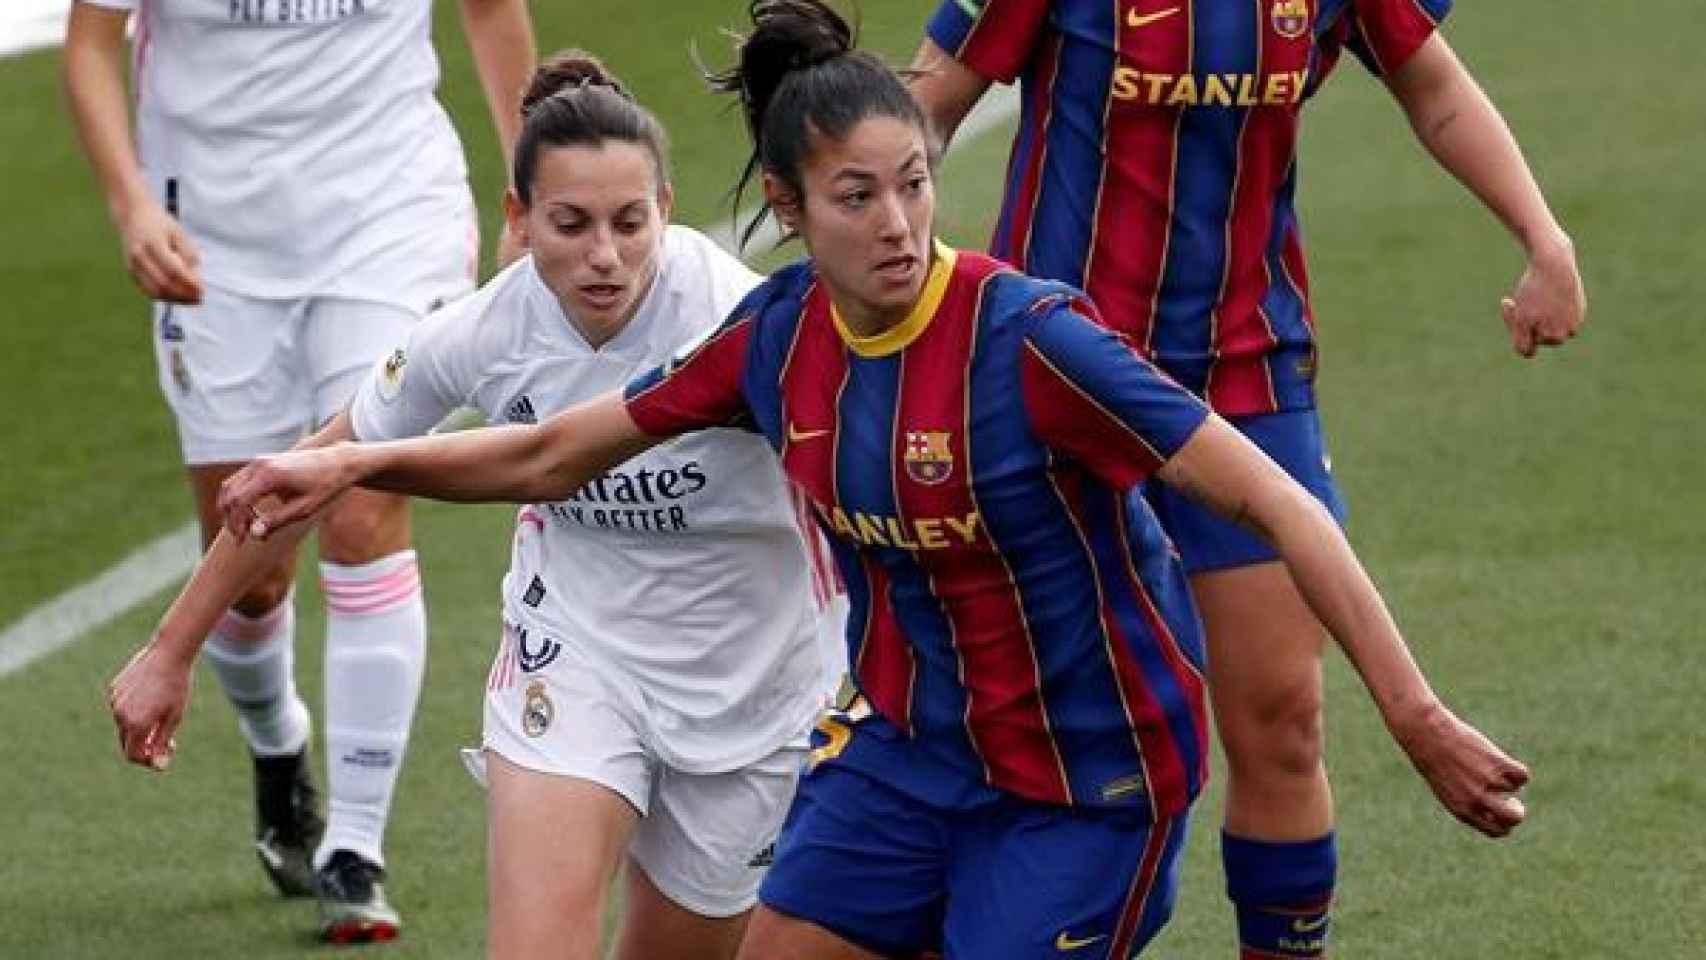 El protocolo antiCovid del fútbol femenino, a debate: qué piden las  jugadoras y qué dice la RFEF